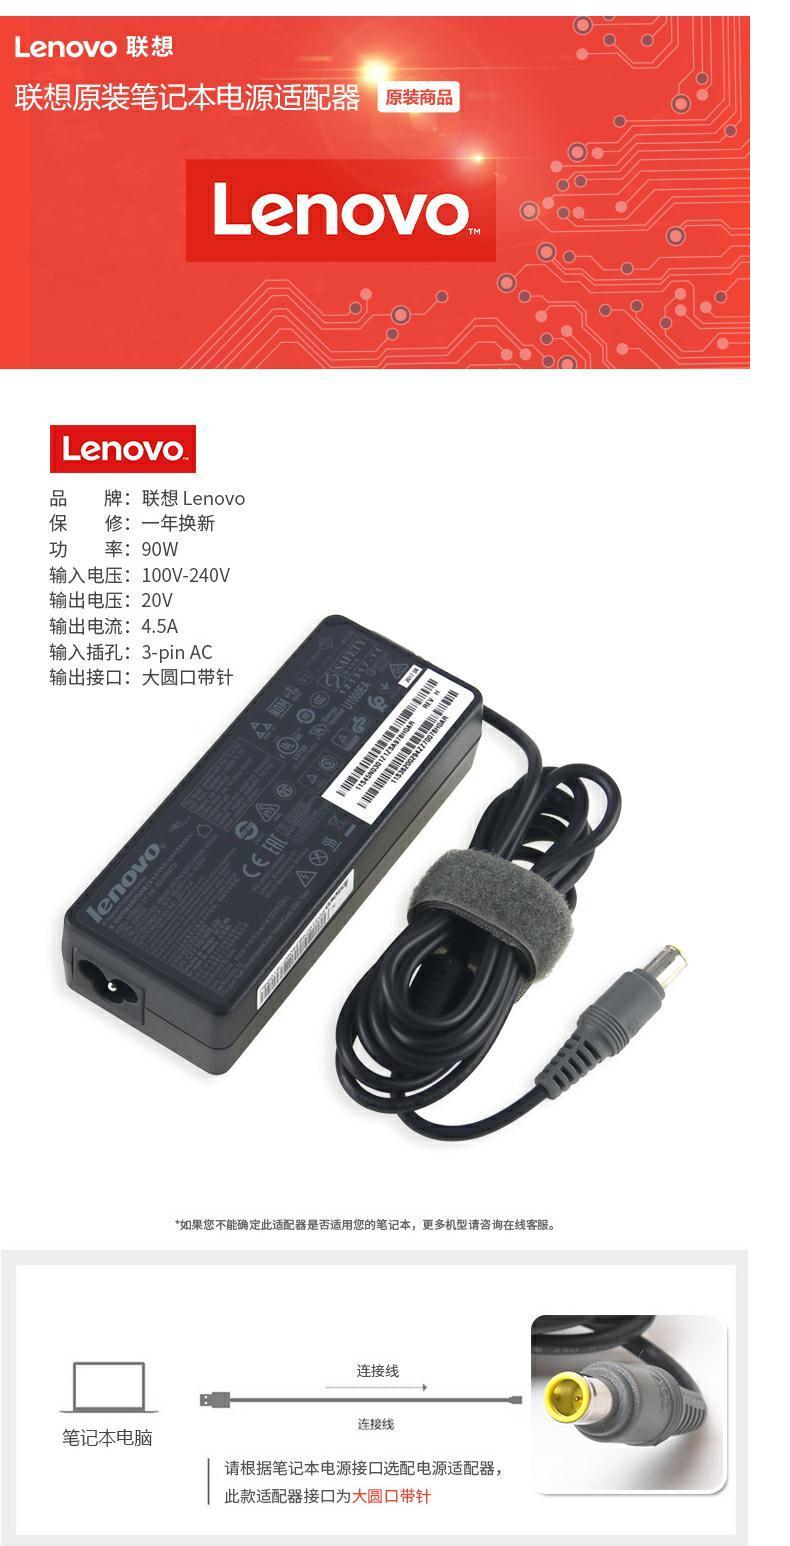 联想原装T60 T61 T400 T410S T430U笔记本电源适配器电源线充电器商品详情图